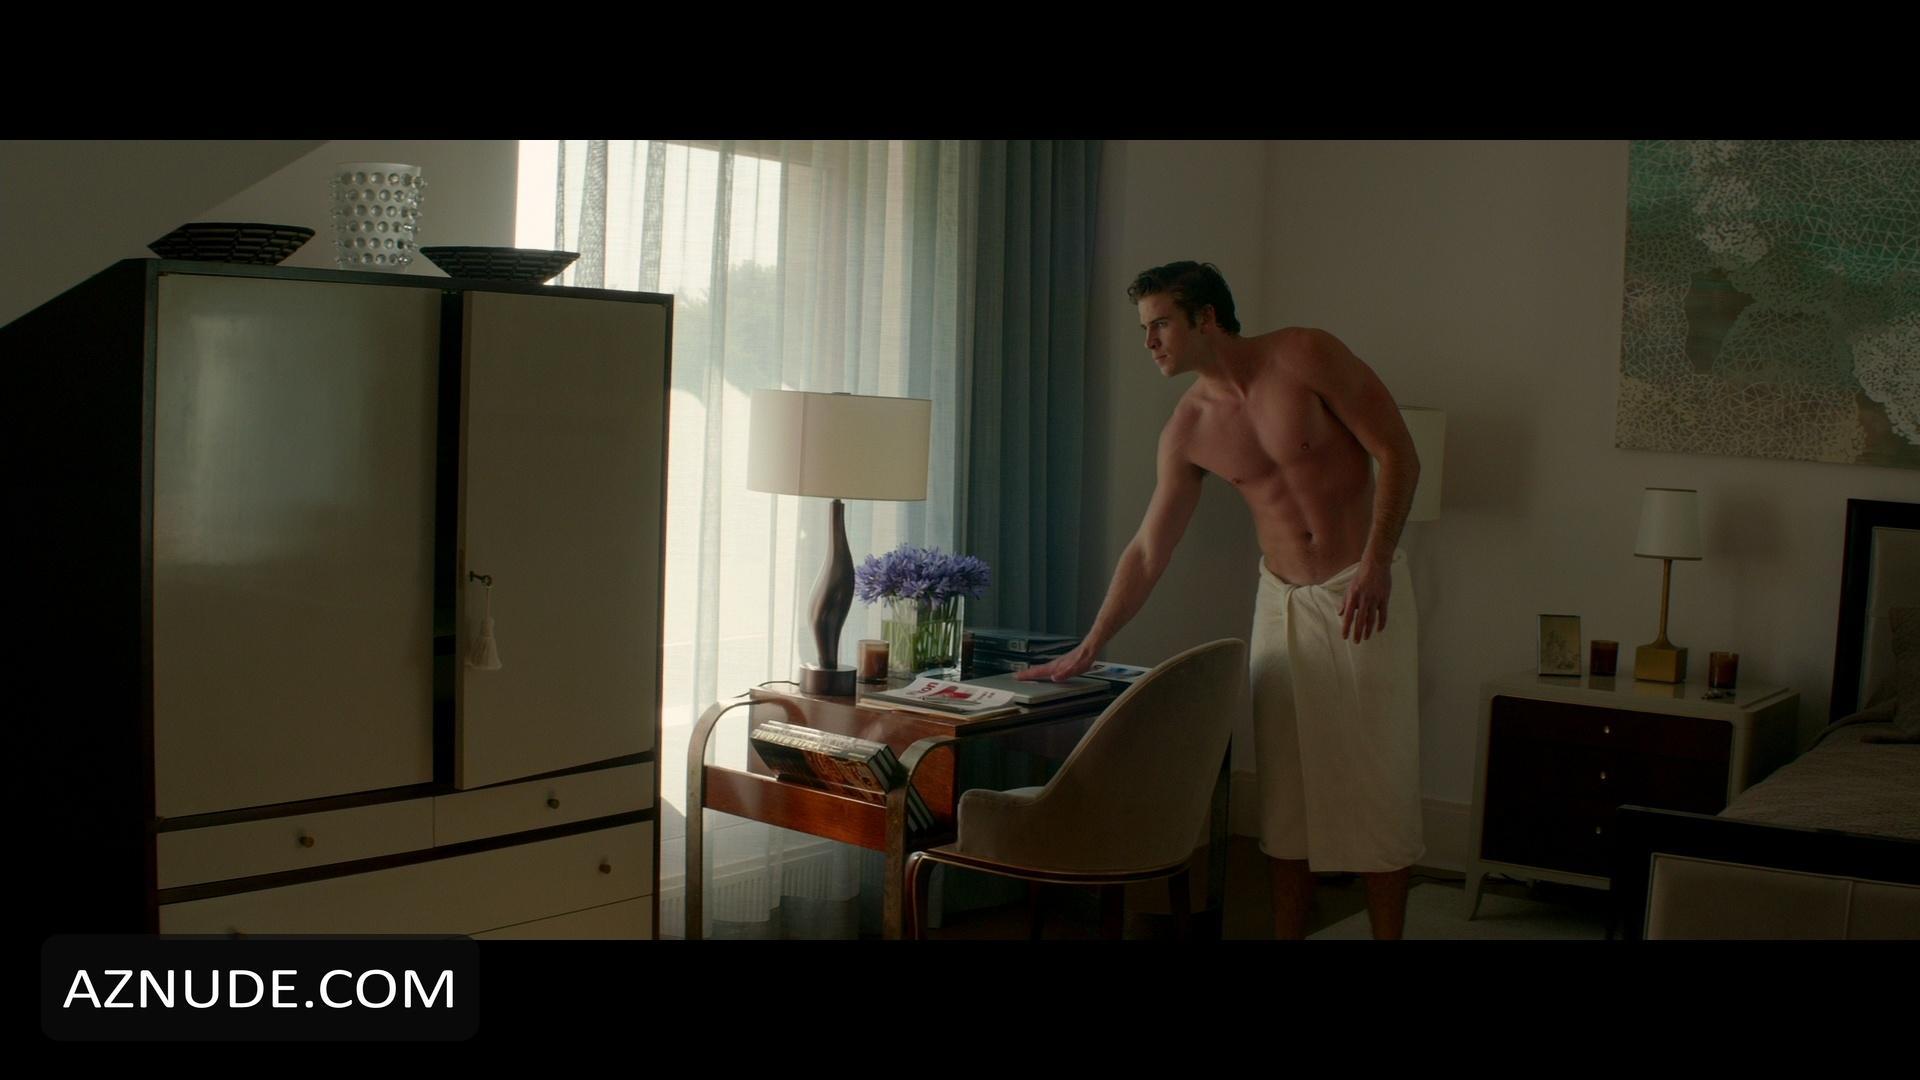 LIAM HEMSWORTH Nude  AZNude Men